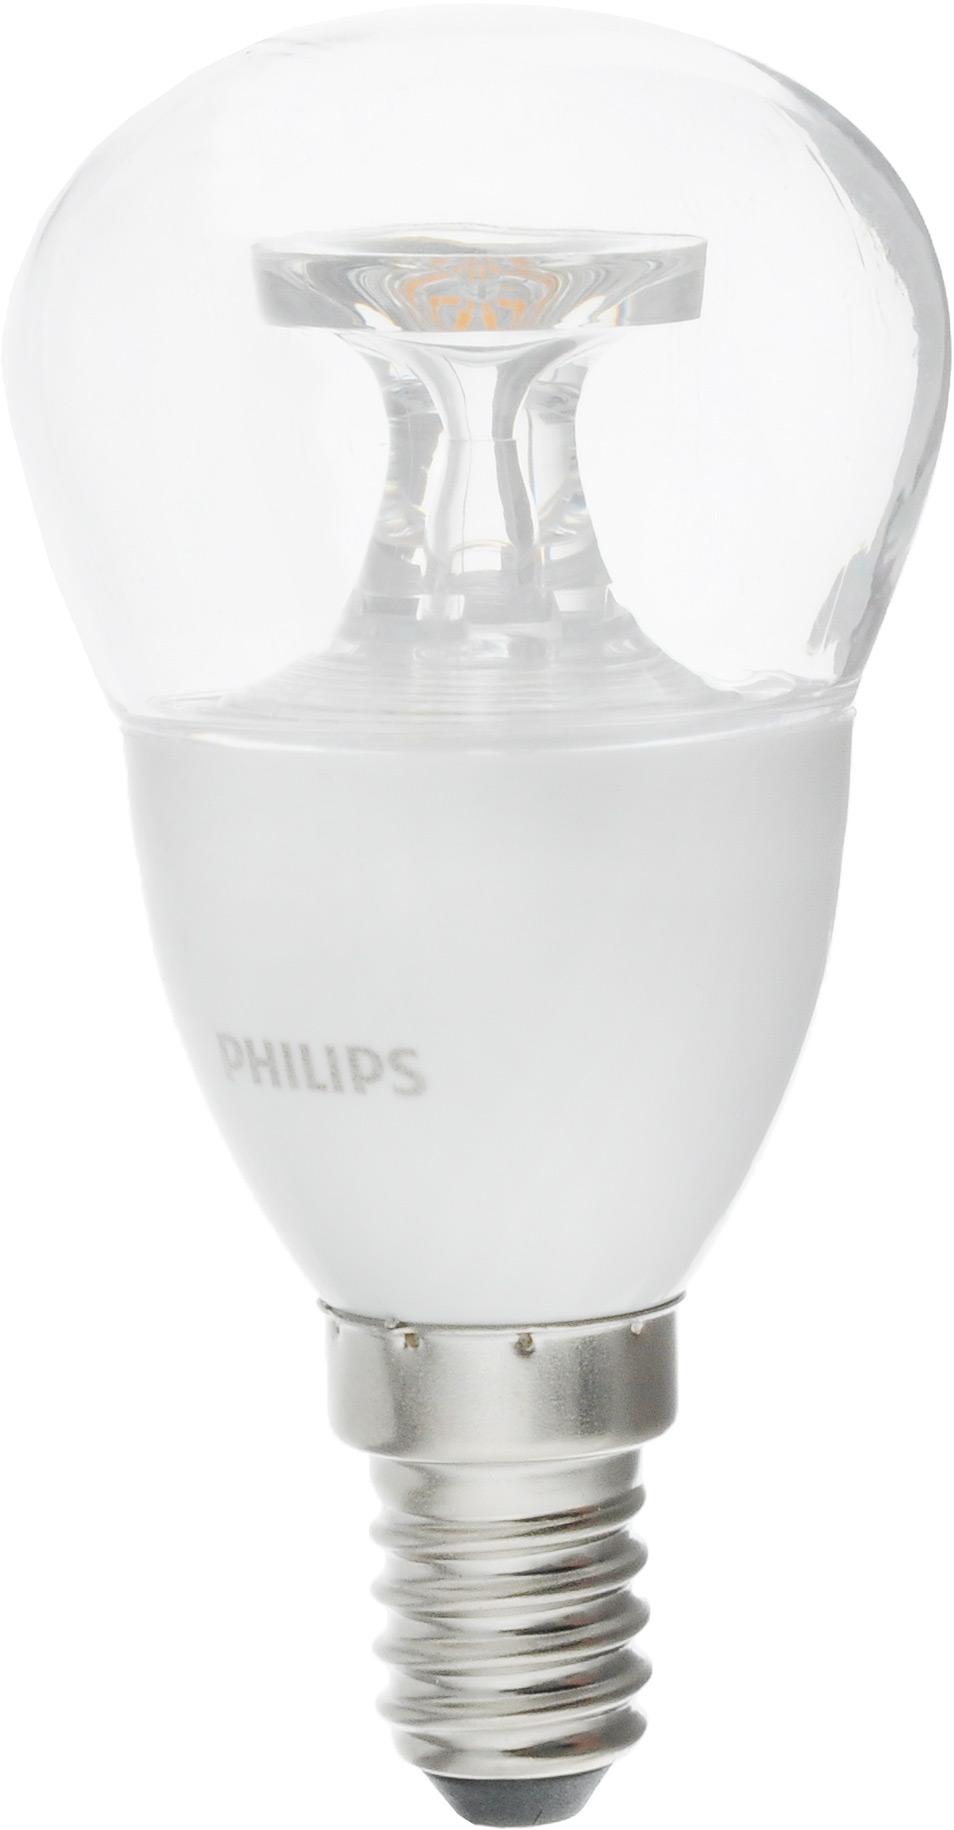 Лампа светодиодная Philips LED lustre, цоколь E14, 5,5-40W, 2700КЛампа LED 5.5-40W E14 2700K 230V P45CLNDСовременные светодиодные лампы Philips LED lustre экономичны, имеют долгий срок службы и мгновенно загораются, заполняя комнату светом. Лампа классической формы и высокой яркости позволяет создать уютную и приятную обстановку в любой комнате вашего дома.Светодиодные лампы потребляют на 91 % меньше электроэнергии, чем обычные лампы накаливания, излучая при этом привычный и приятный теплый свет. Срок службы светодиодной лампы Philips составляет до 15 000 часов, что соответствует общему сроку службы 15 ламп накаливания. В результате менять лампы приходится значительно реже, что сокращает количество отходов.Напряжение: 220-240 В. Световой поток: 470 lm.